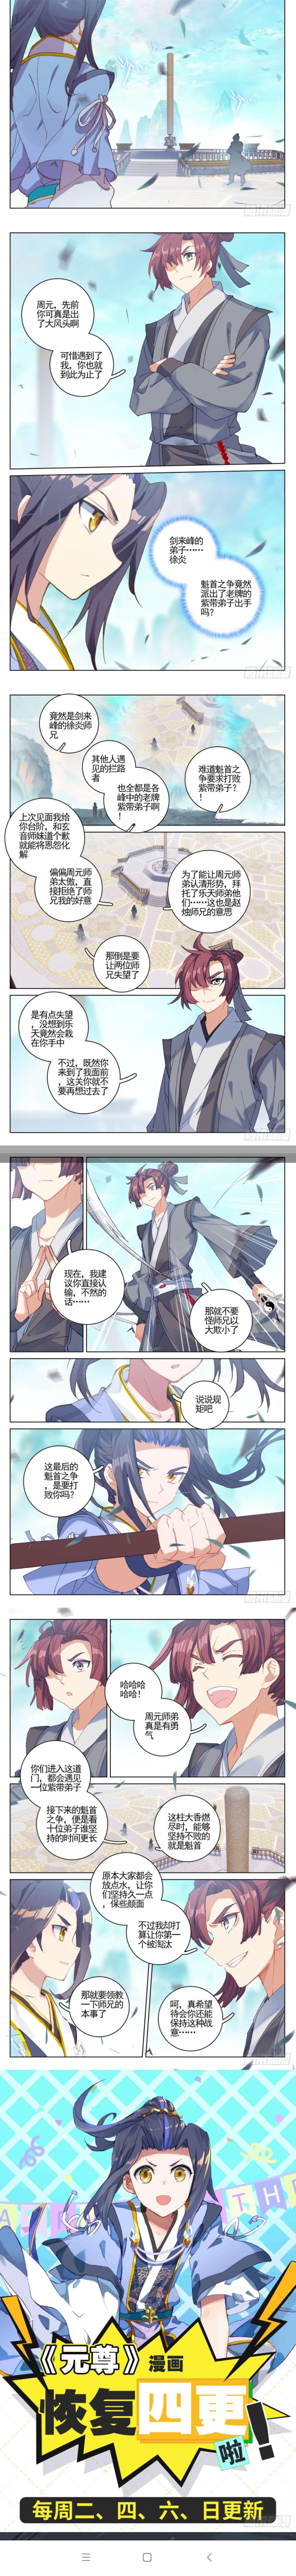 【漫画更新】元尊  魁首之争(下)